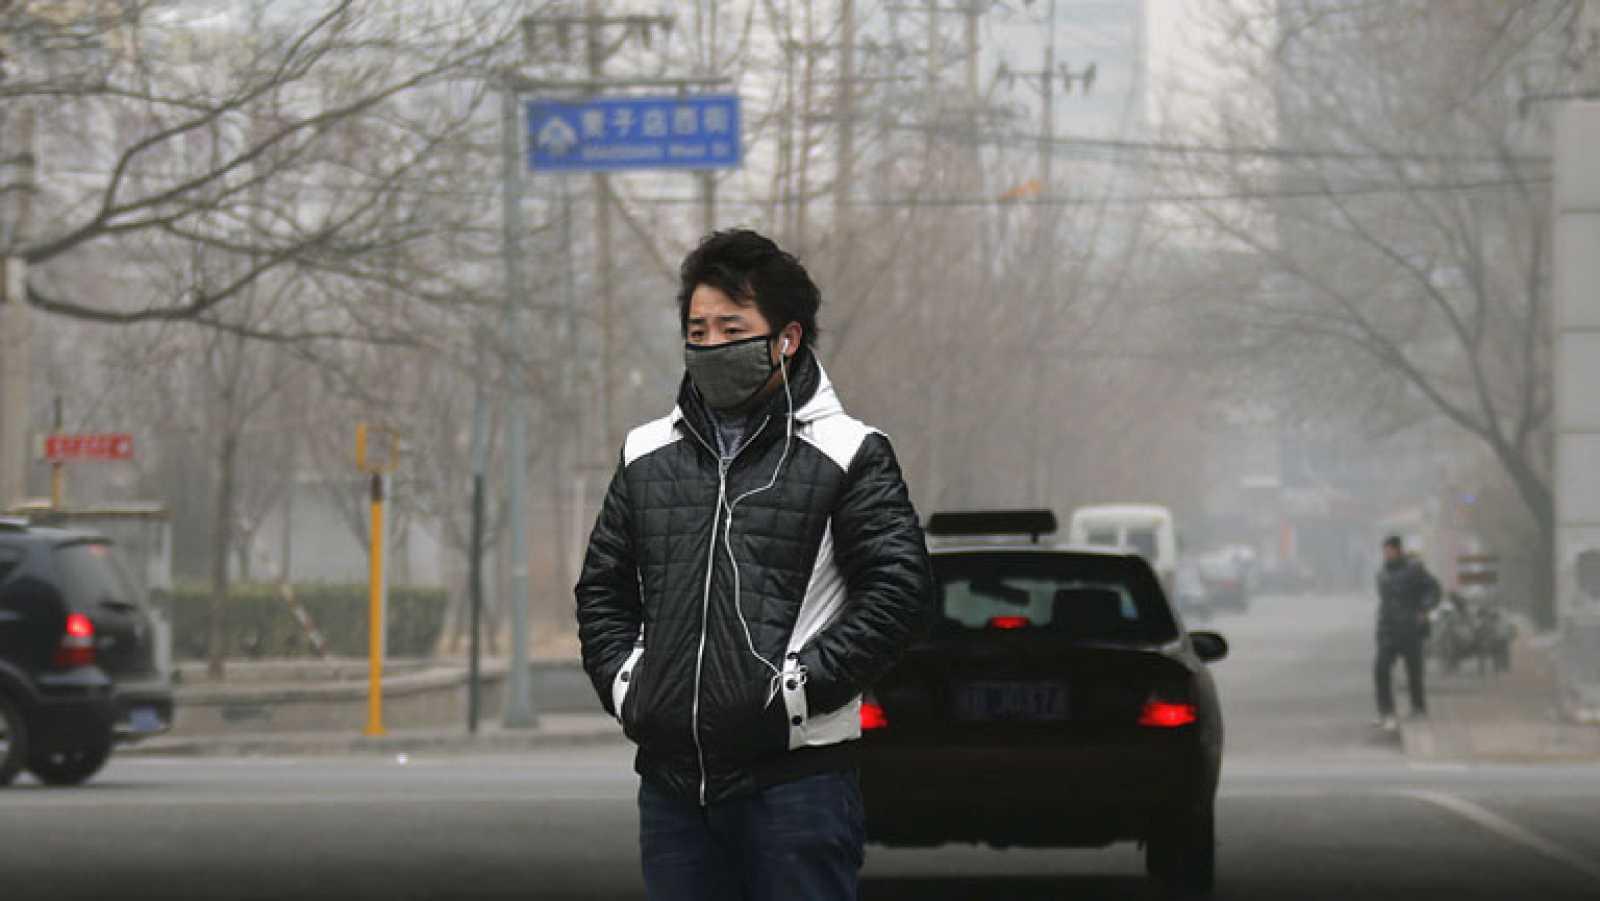 La capa de contaminación en China se ha desplazado de la capital a otras zonas